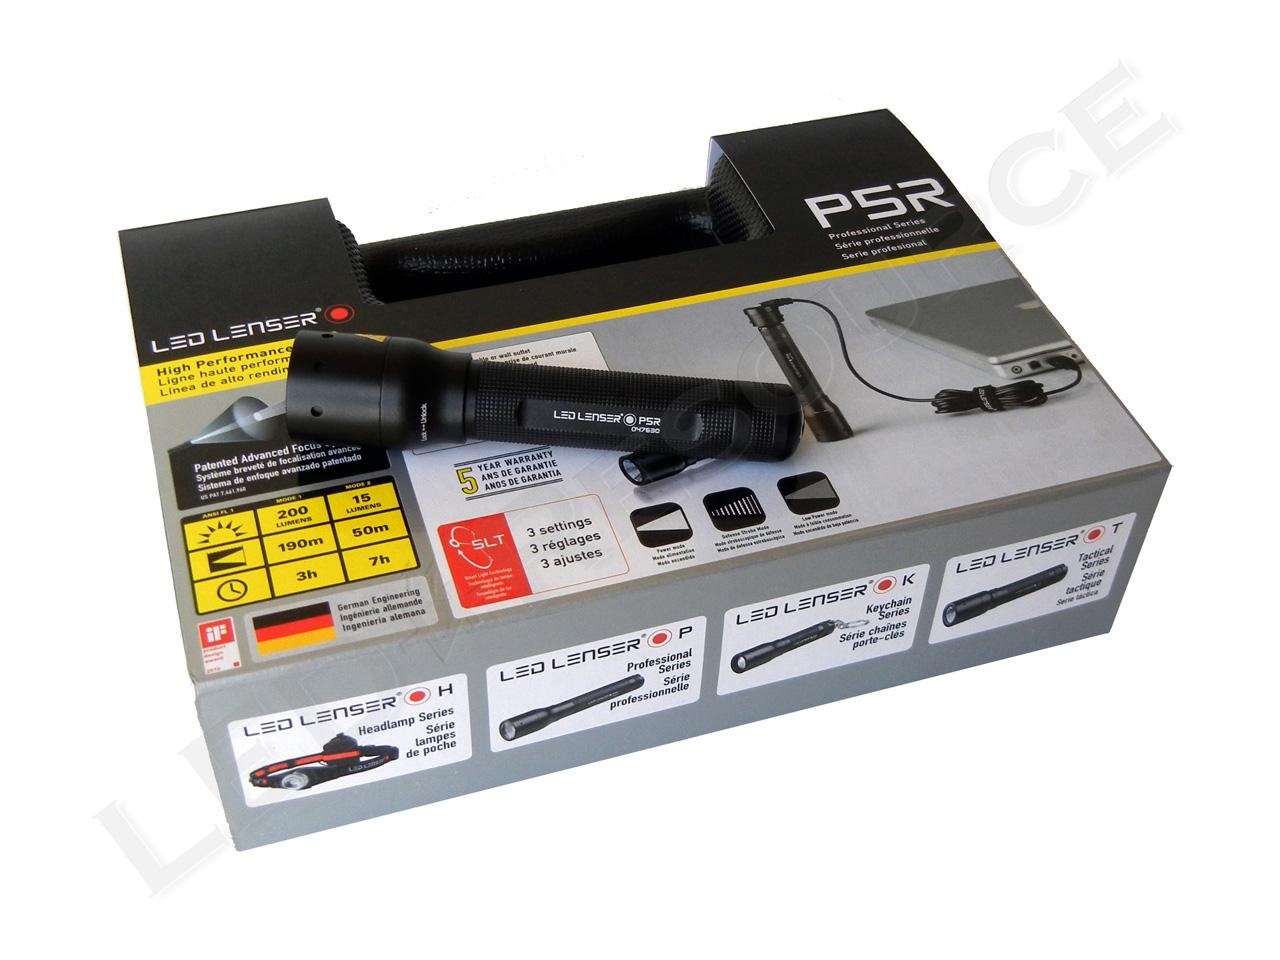 LED Lenser P5R Review